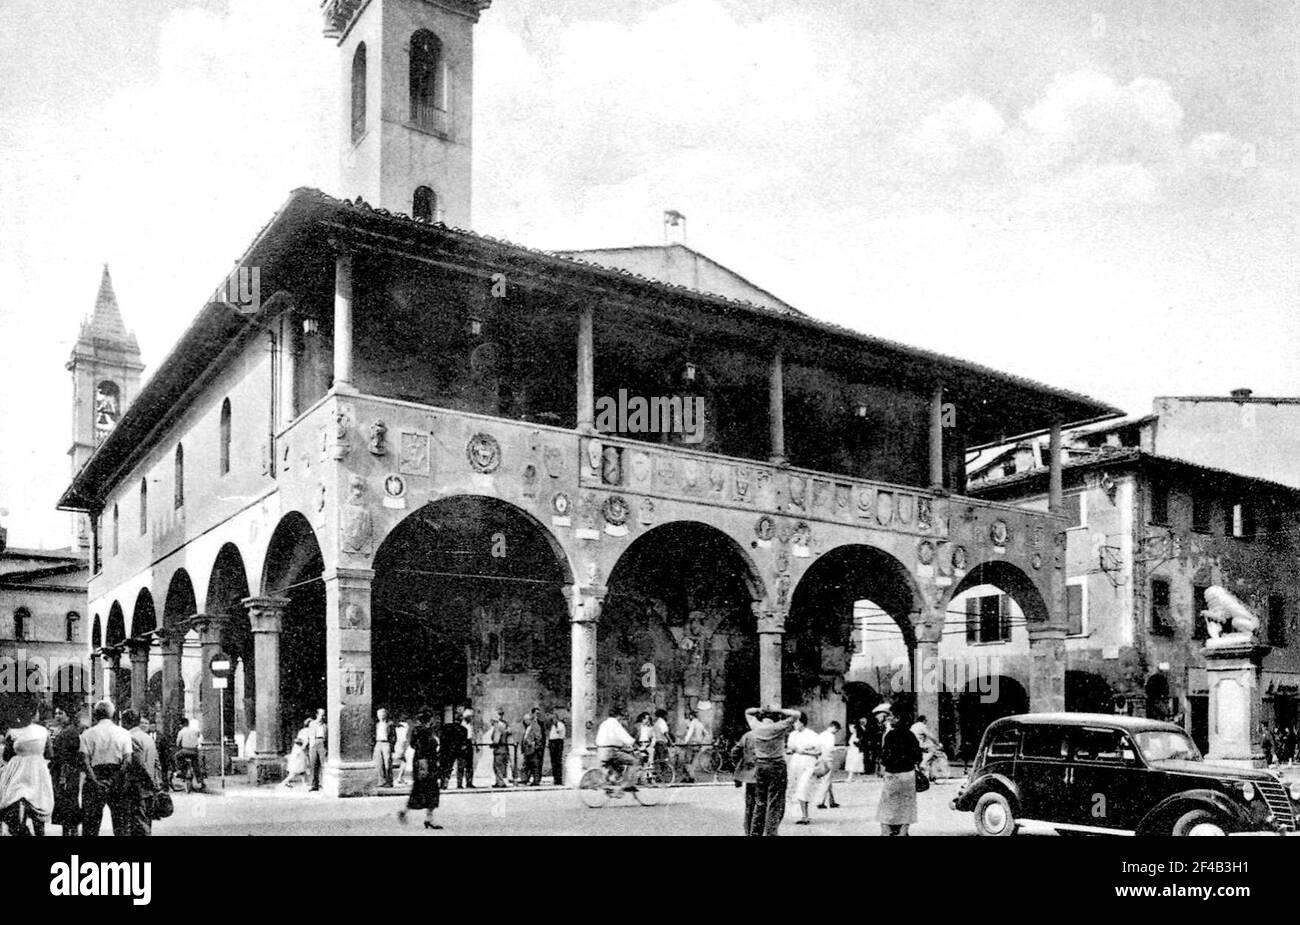 Strada Scene a San Giovanni Valdarno, Italia ca. 1950 Foto Stock